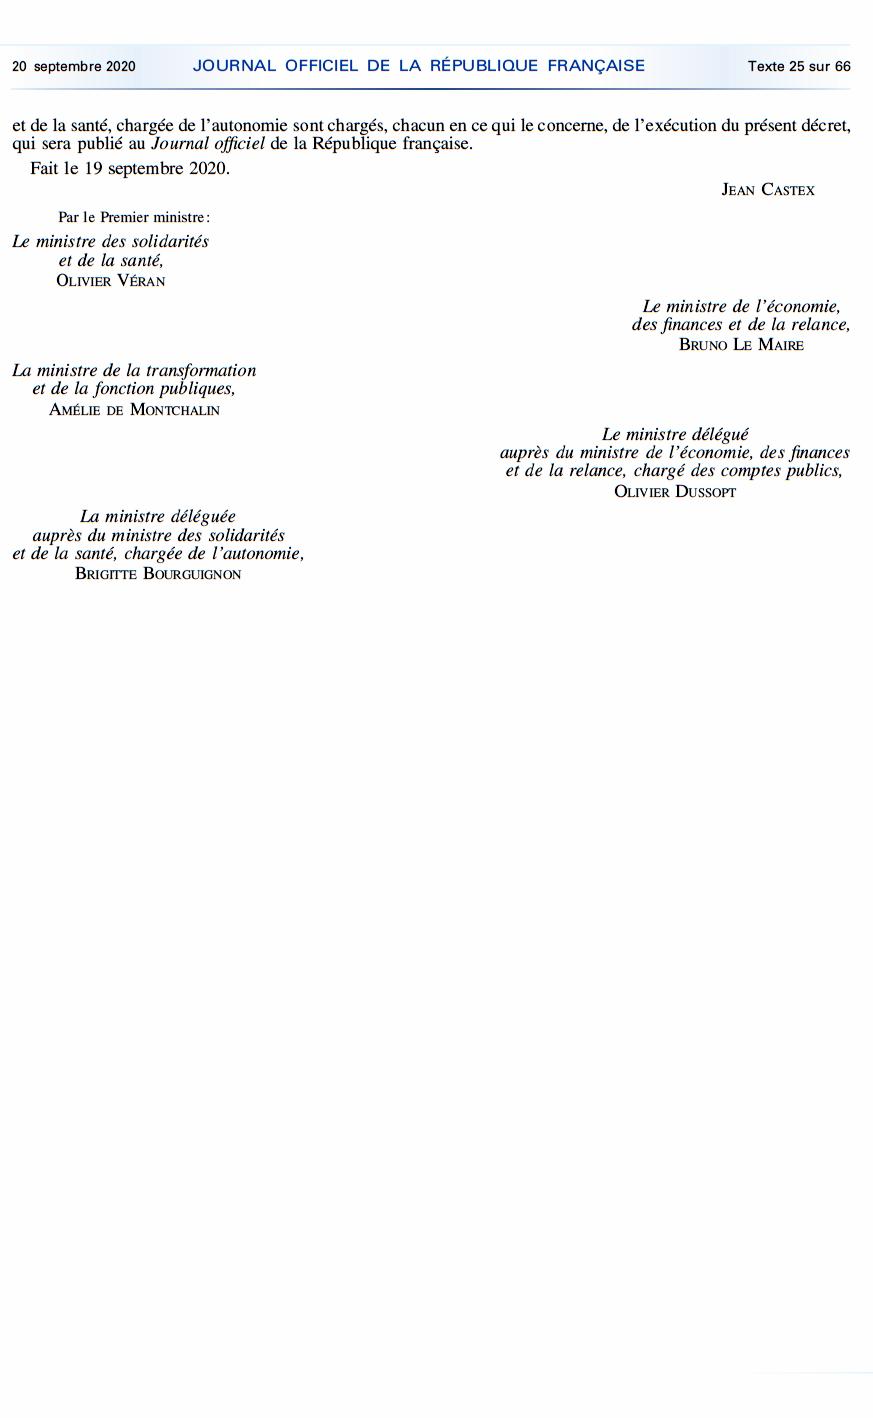 2020 09 20 decret officiel 2